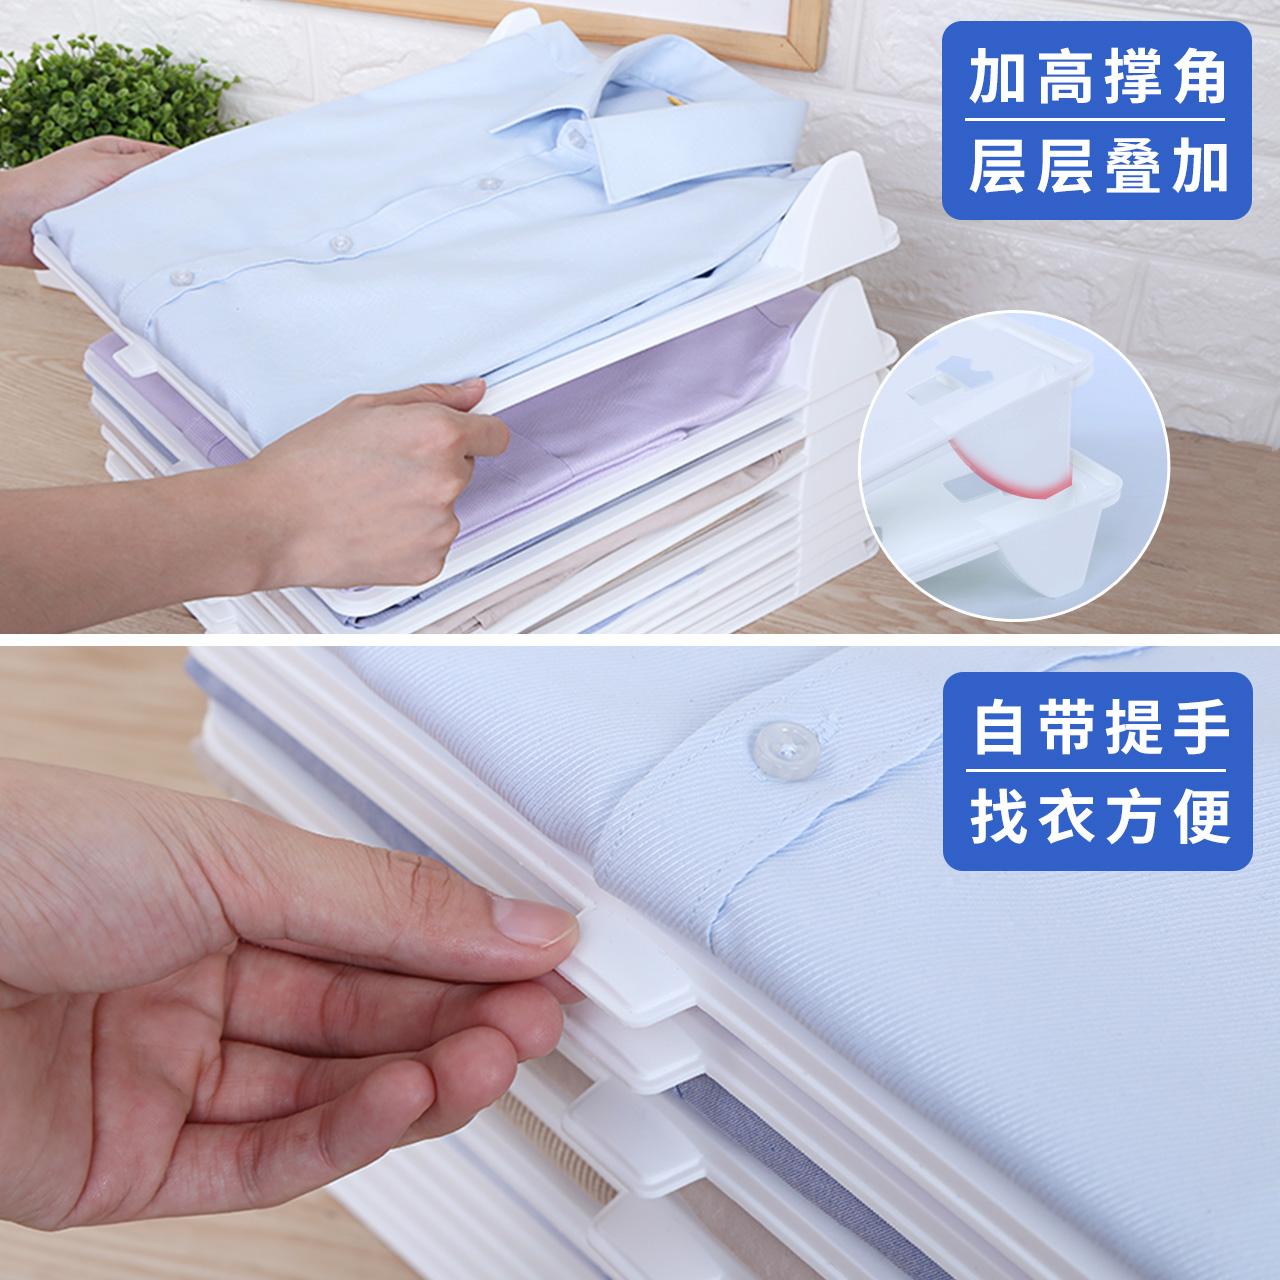 تصنيف الملابس للطي قميص تي شيرت مختلف كسول تخزين قابلة للطي التشطيب السراويل قطعة أثرية خزانة قابلة للطي مجلس o0o